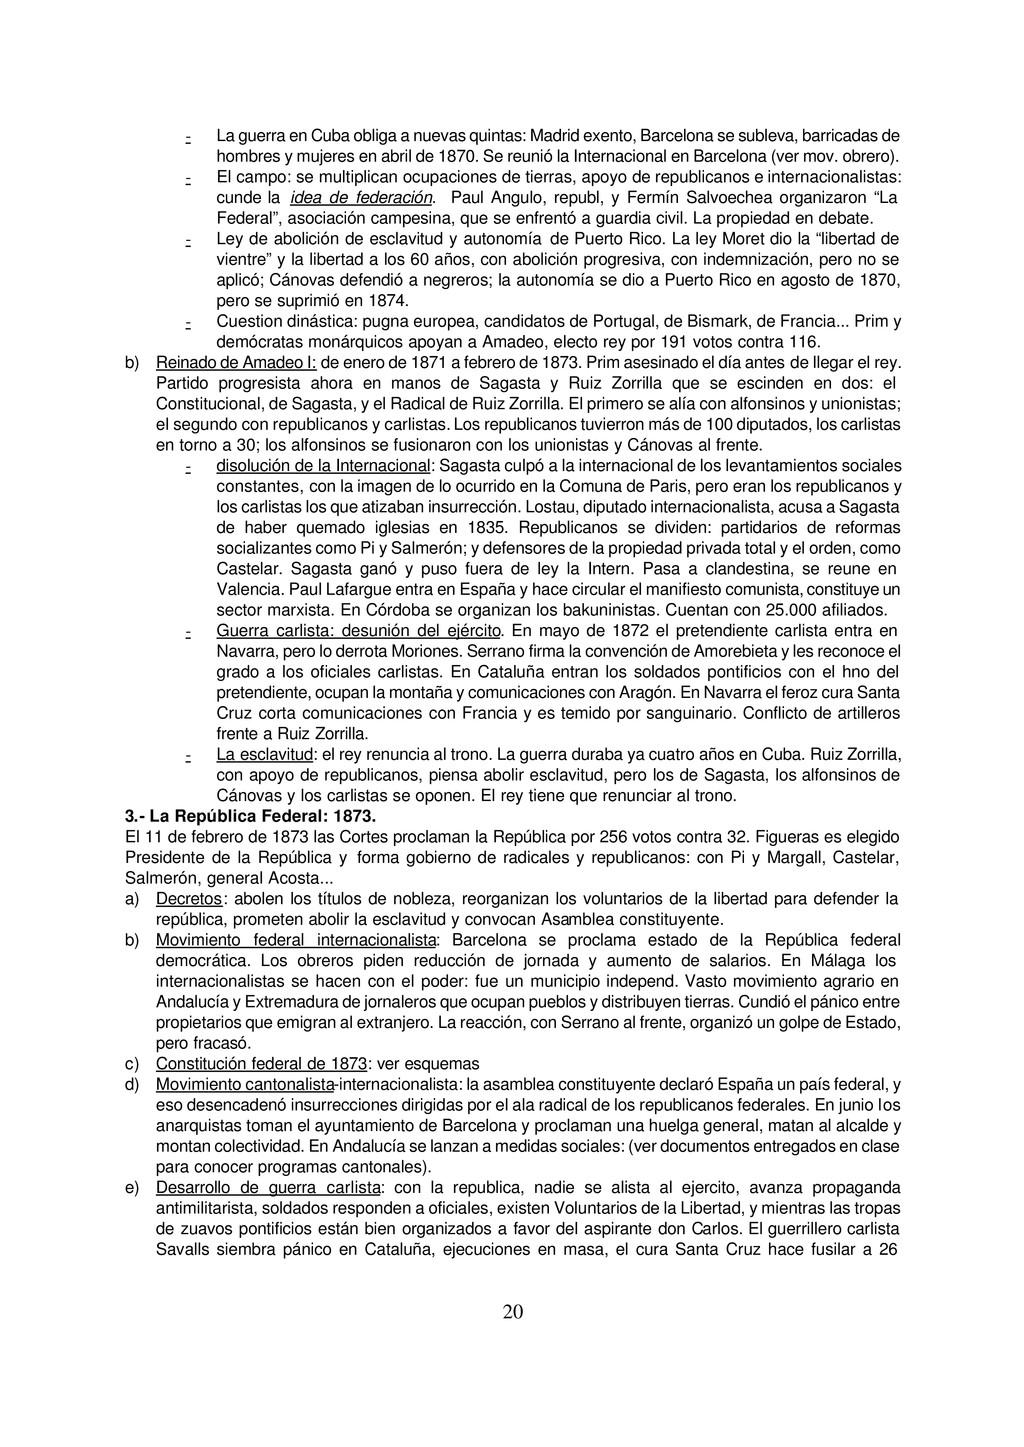 20 - La guerra en Cuba obliga a nuevas quintas:...